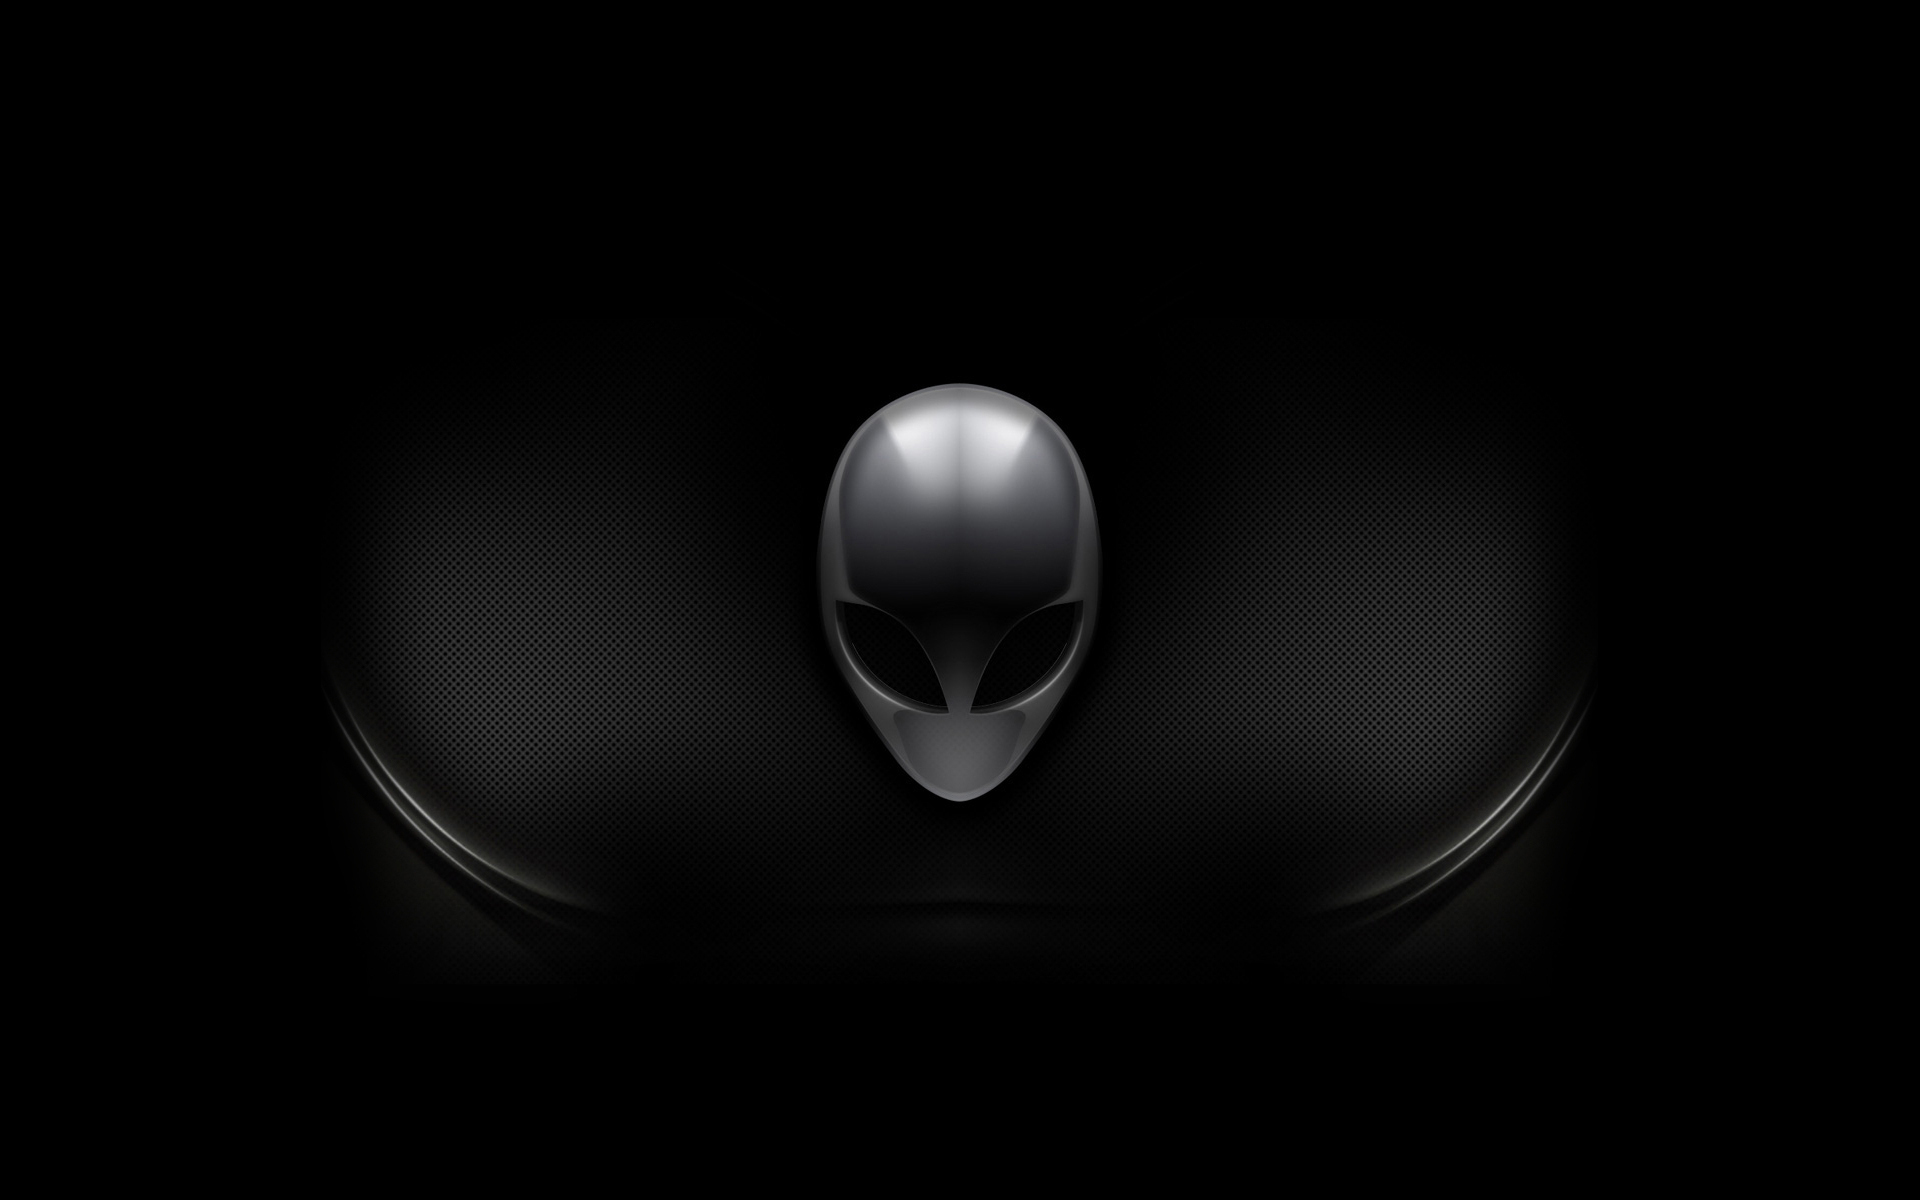 Alienware backgrounds pictures images - Alien desktop ...